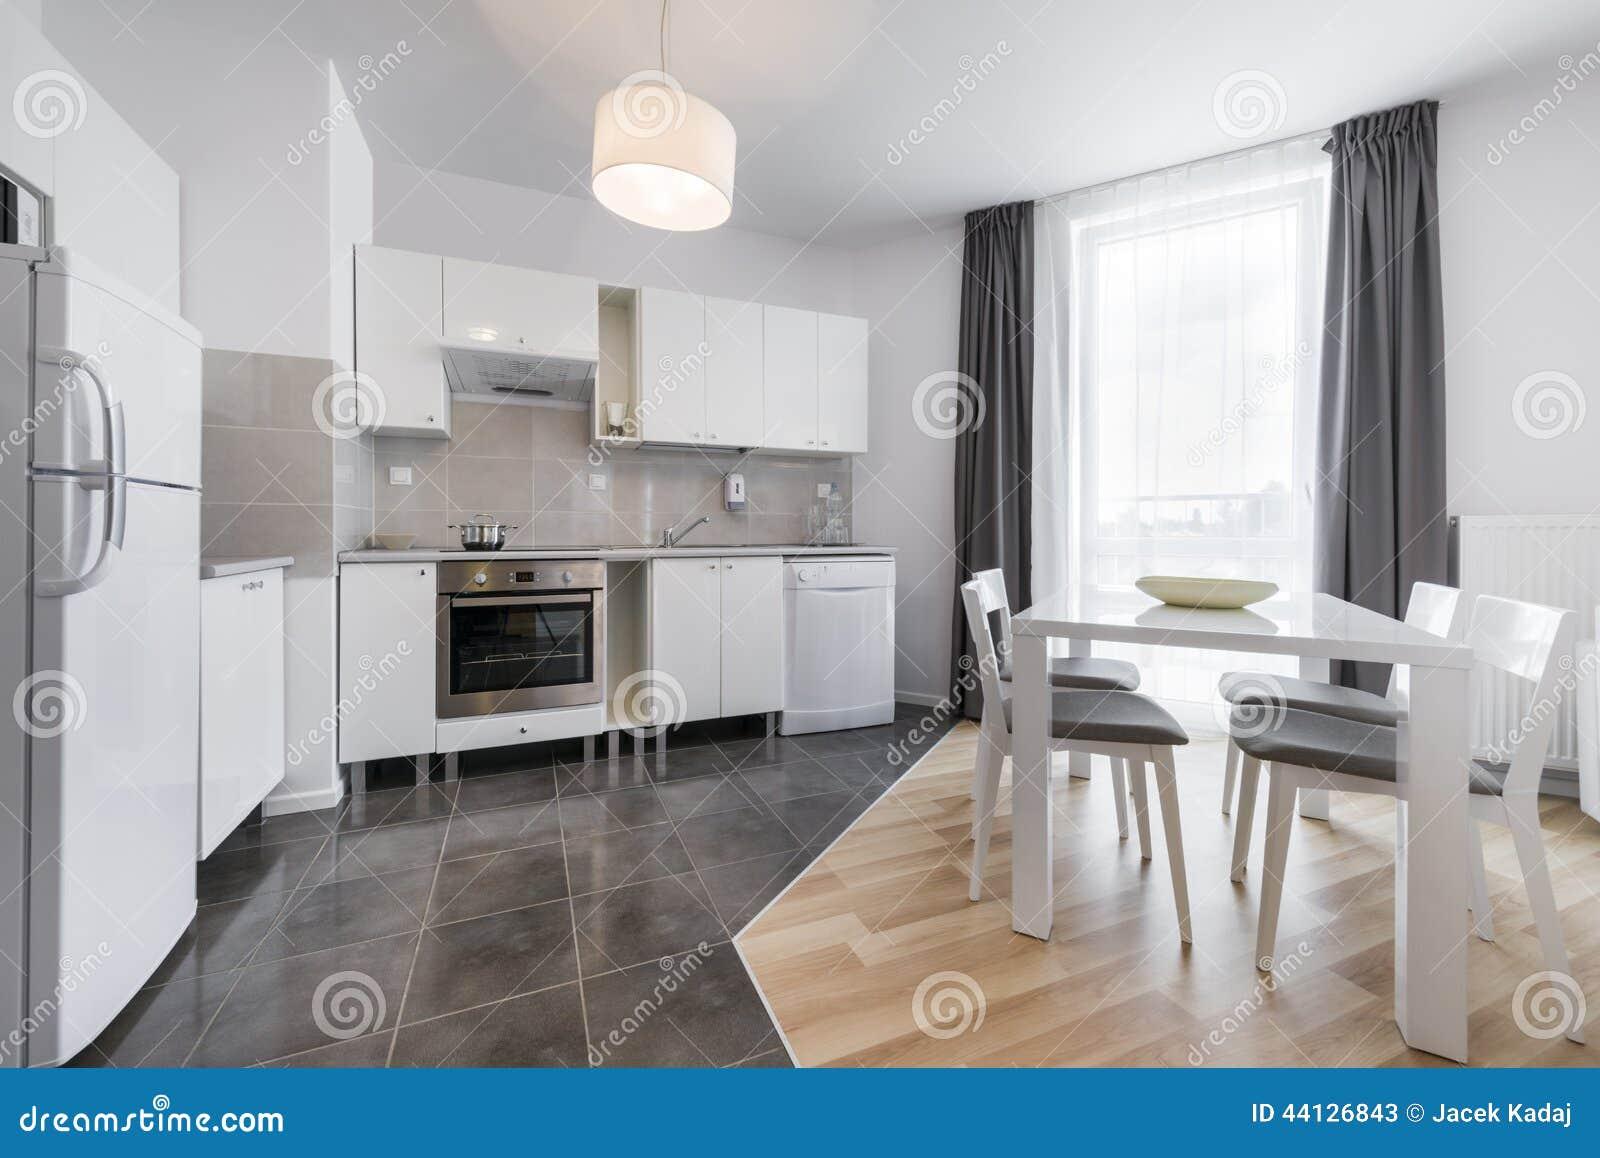 Disegno interno della cucina moderna immagine stock for Disegno cucina